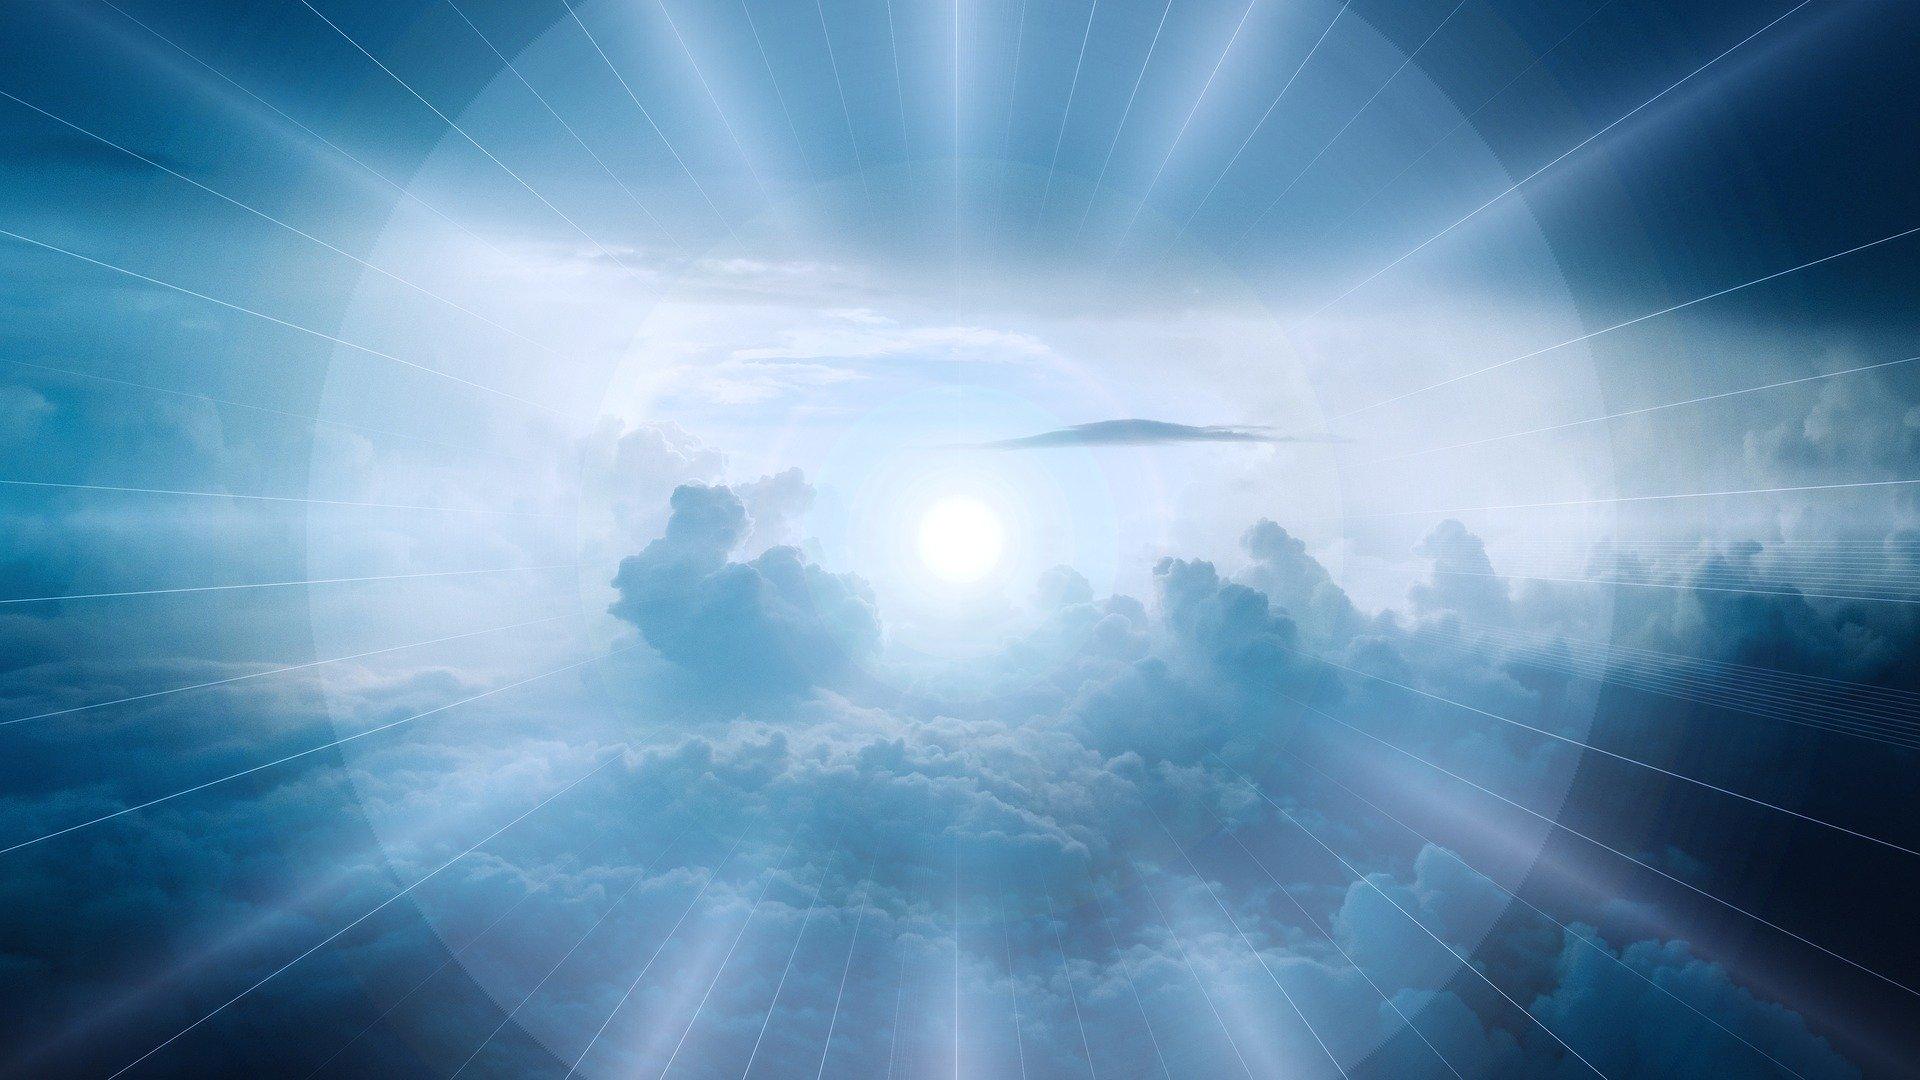 clouds-3978914_1920